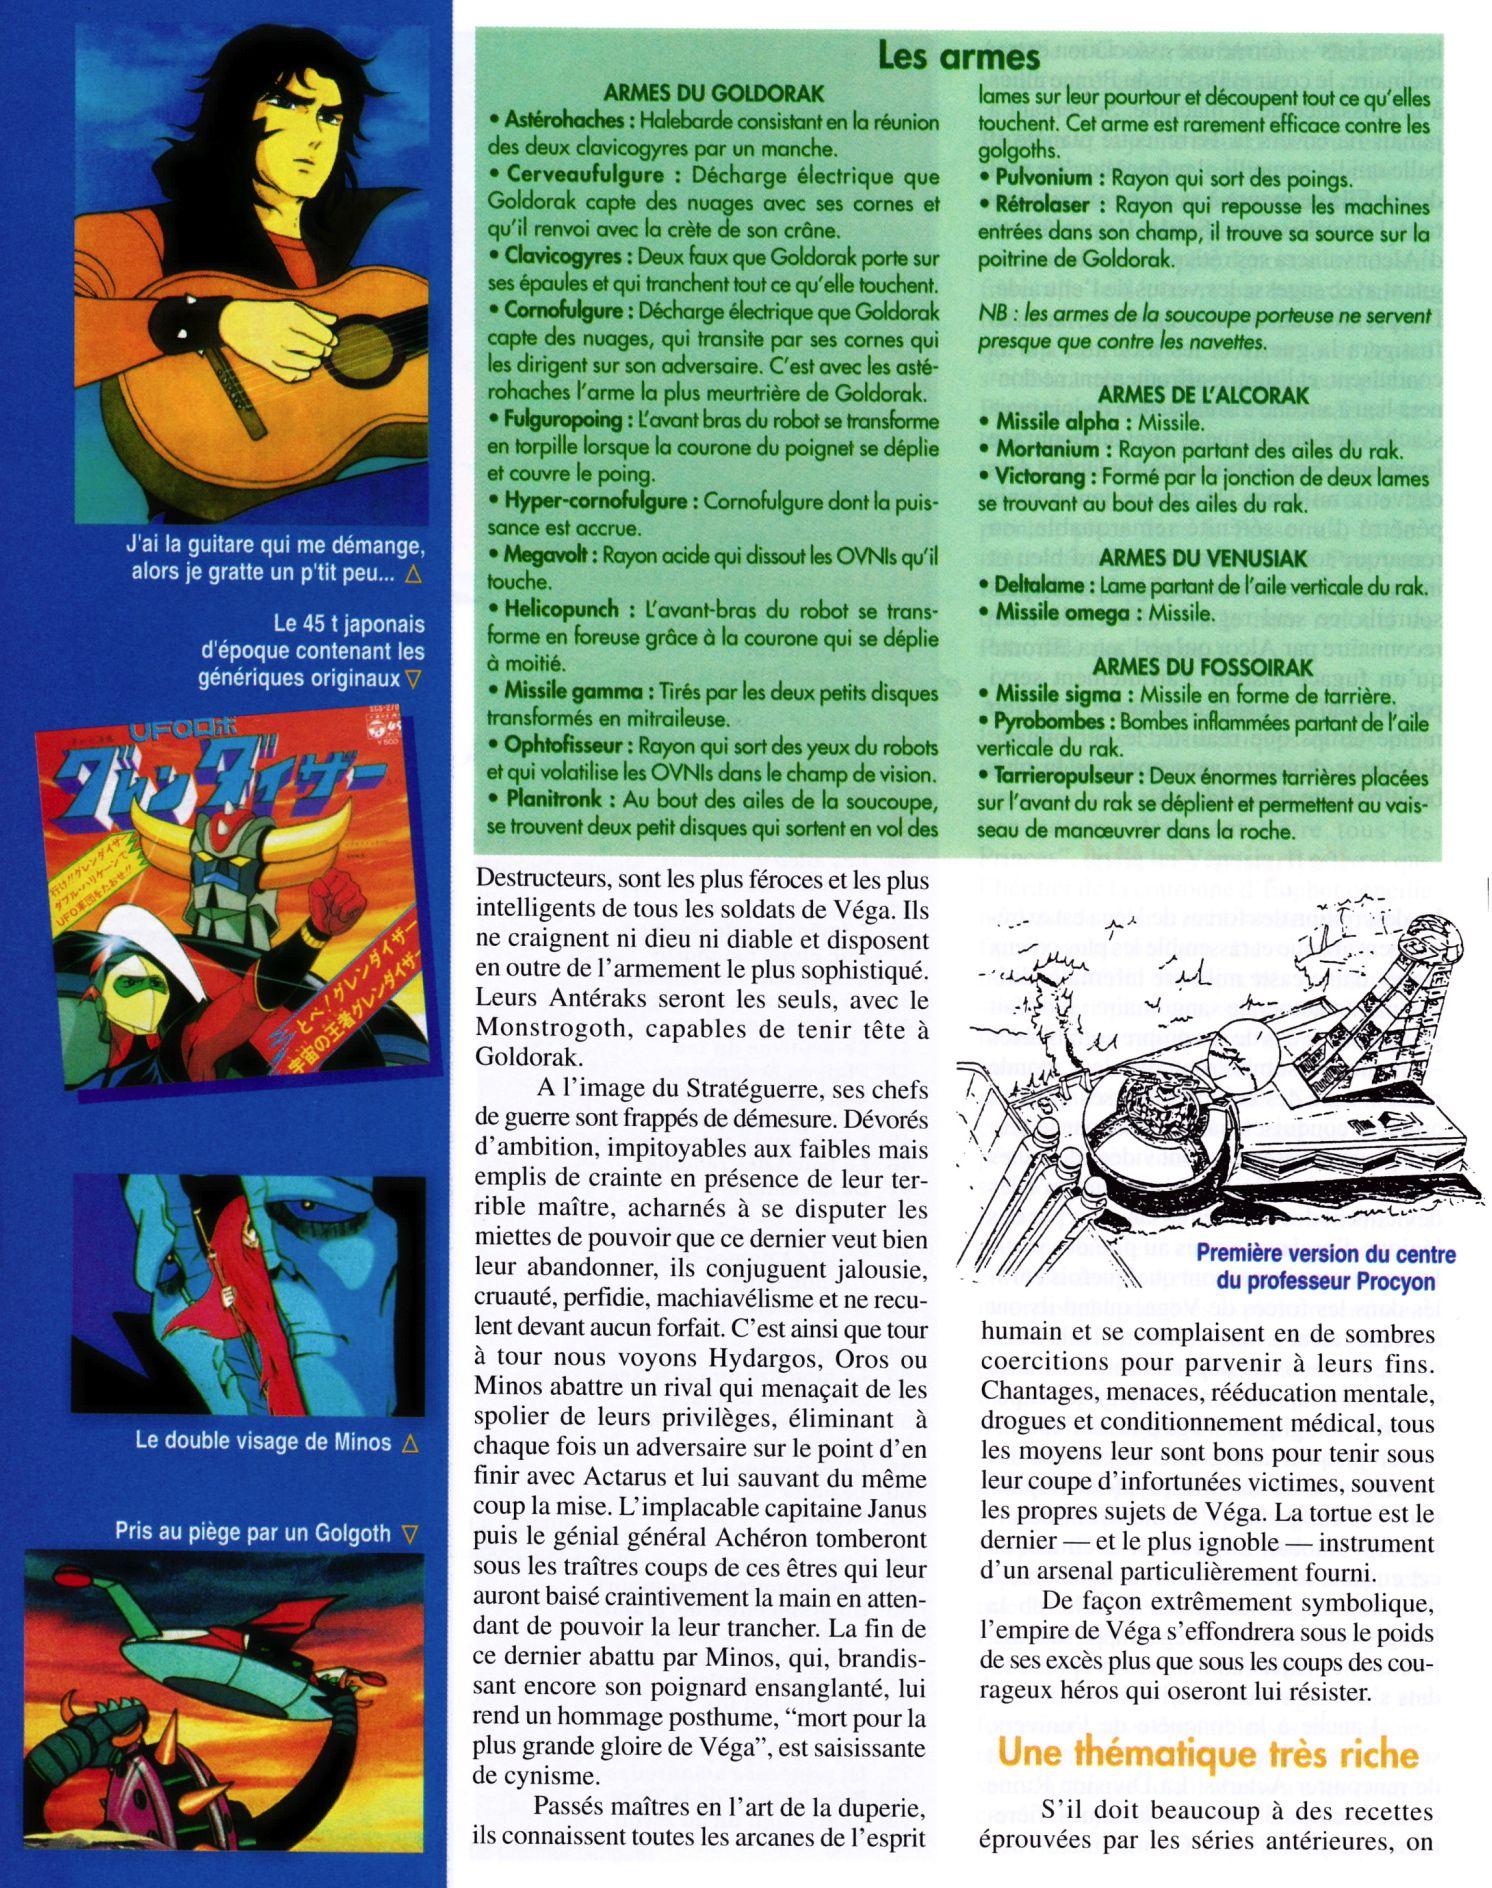 http://grenierdelatv.free.fr/2/goldorakalhs1997m.jpg